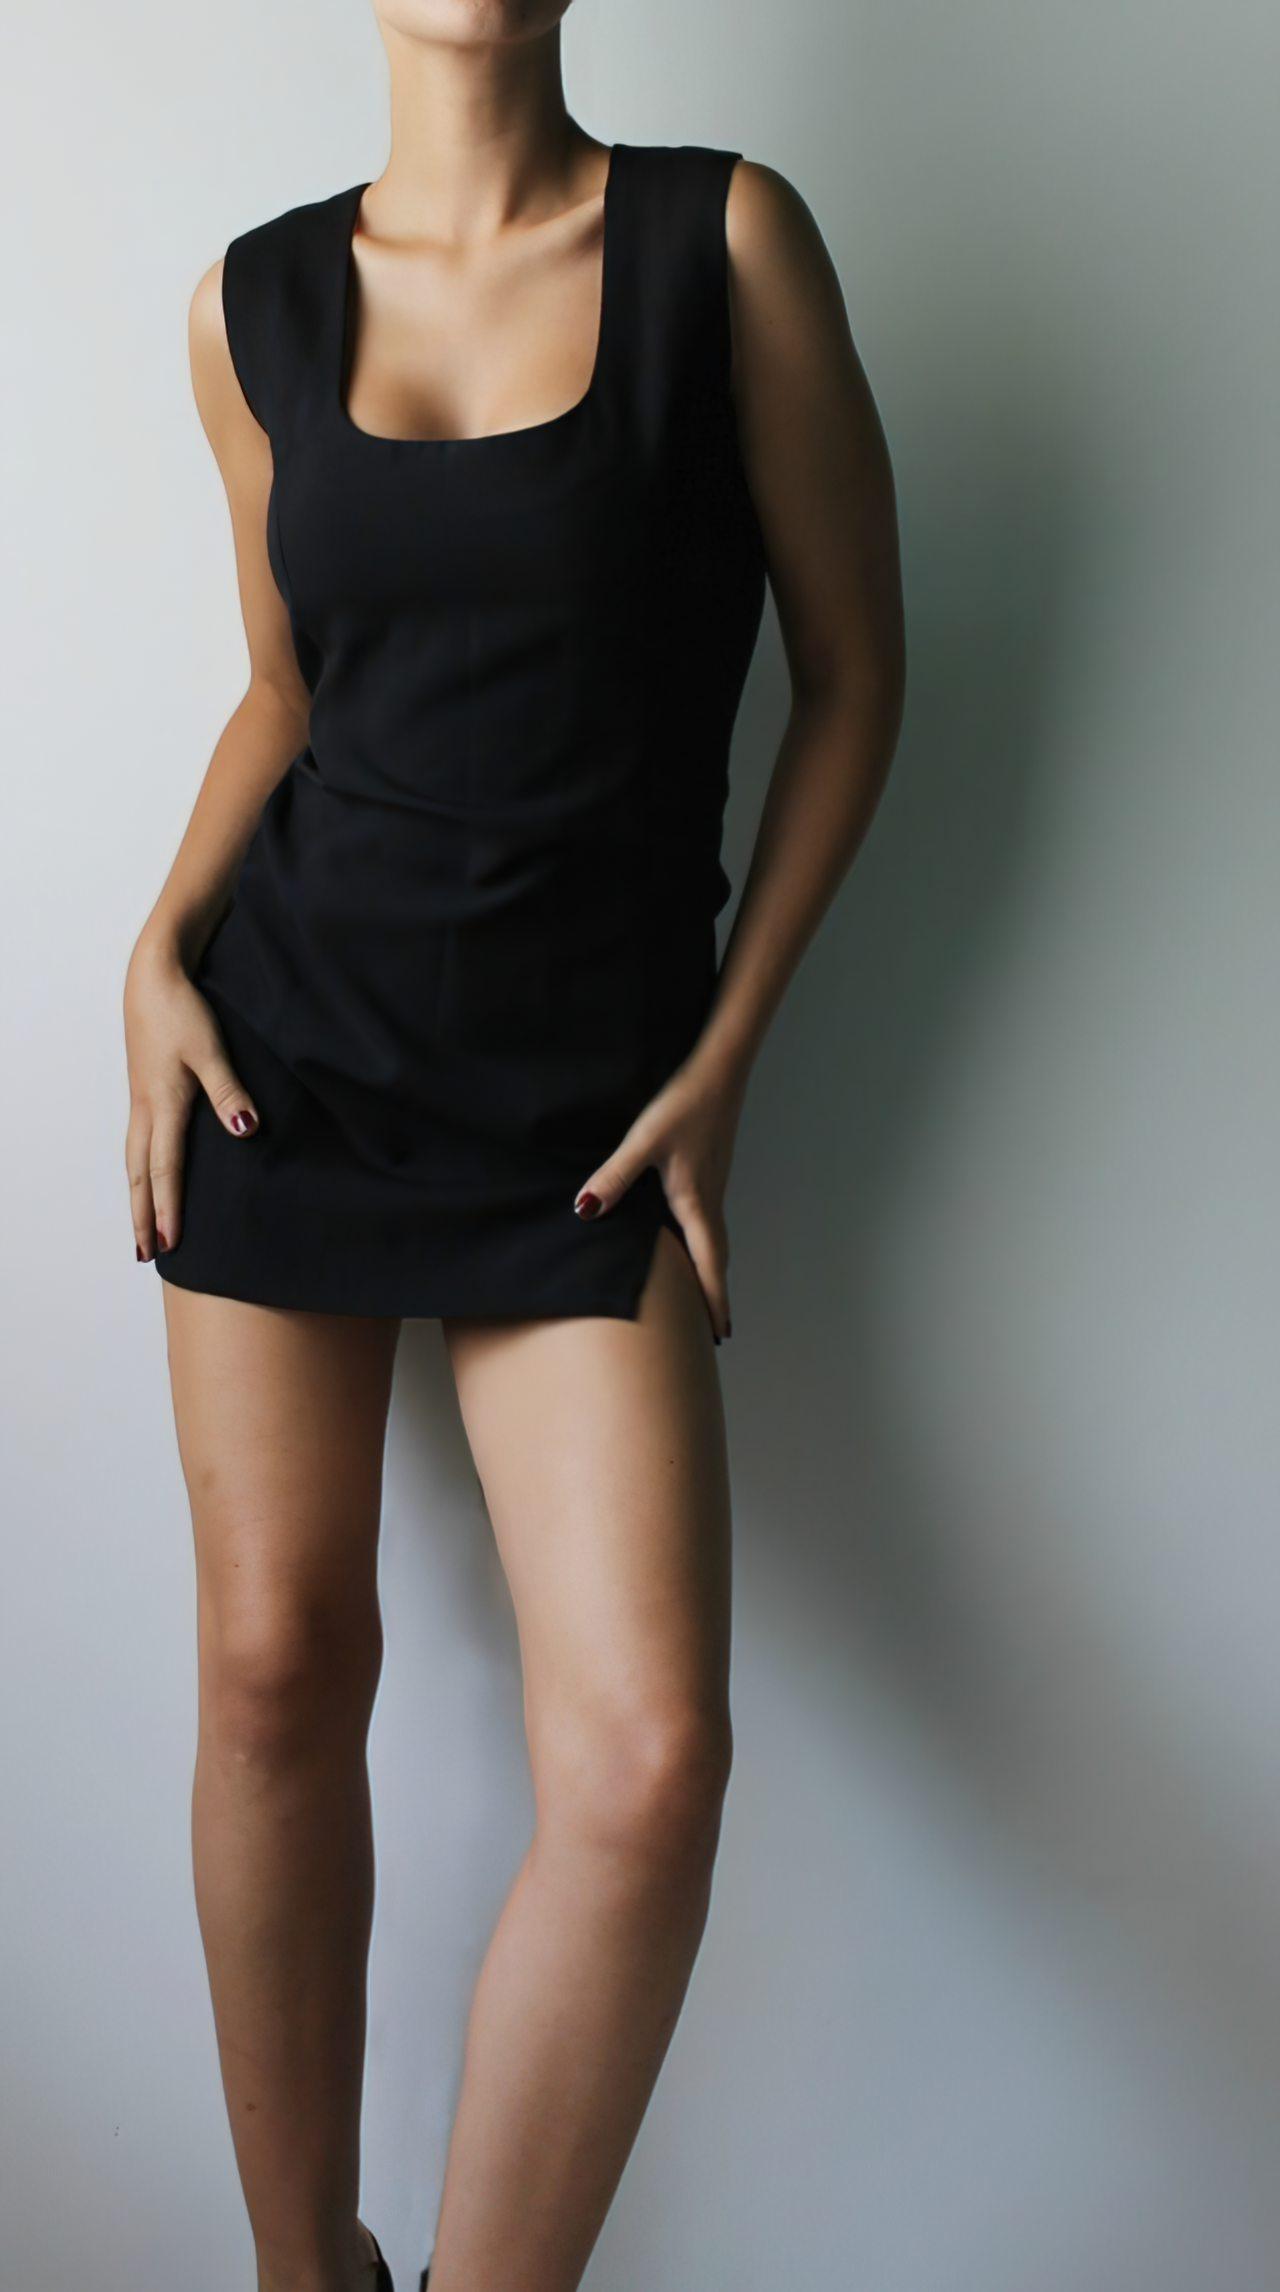 Mulher Despindo Vestido (1)